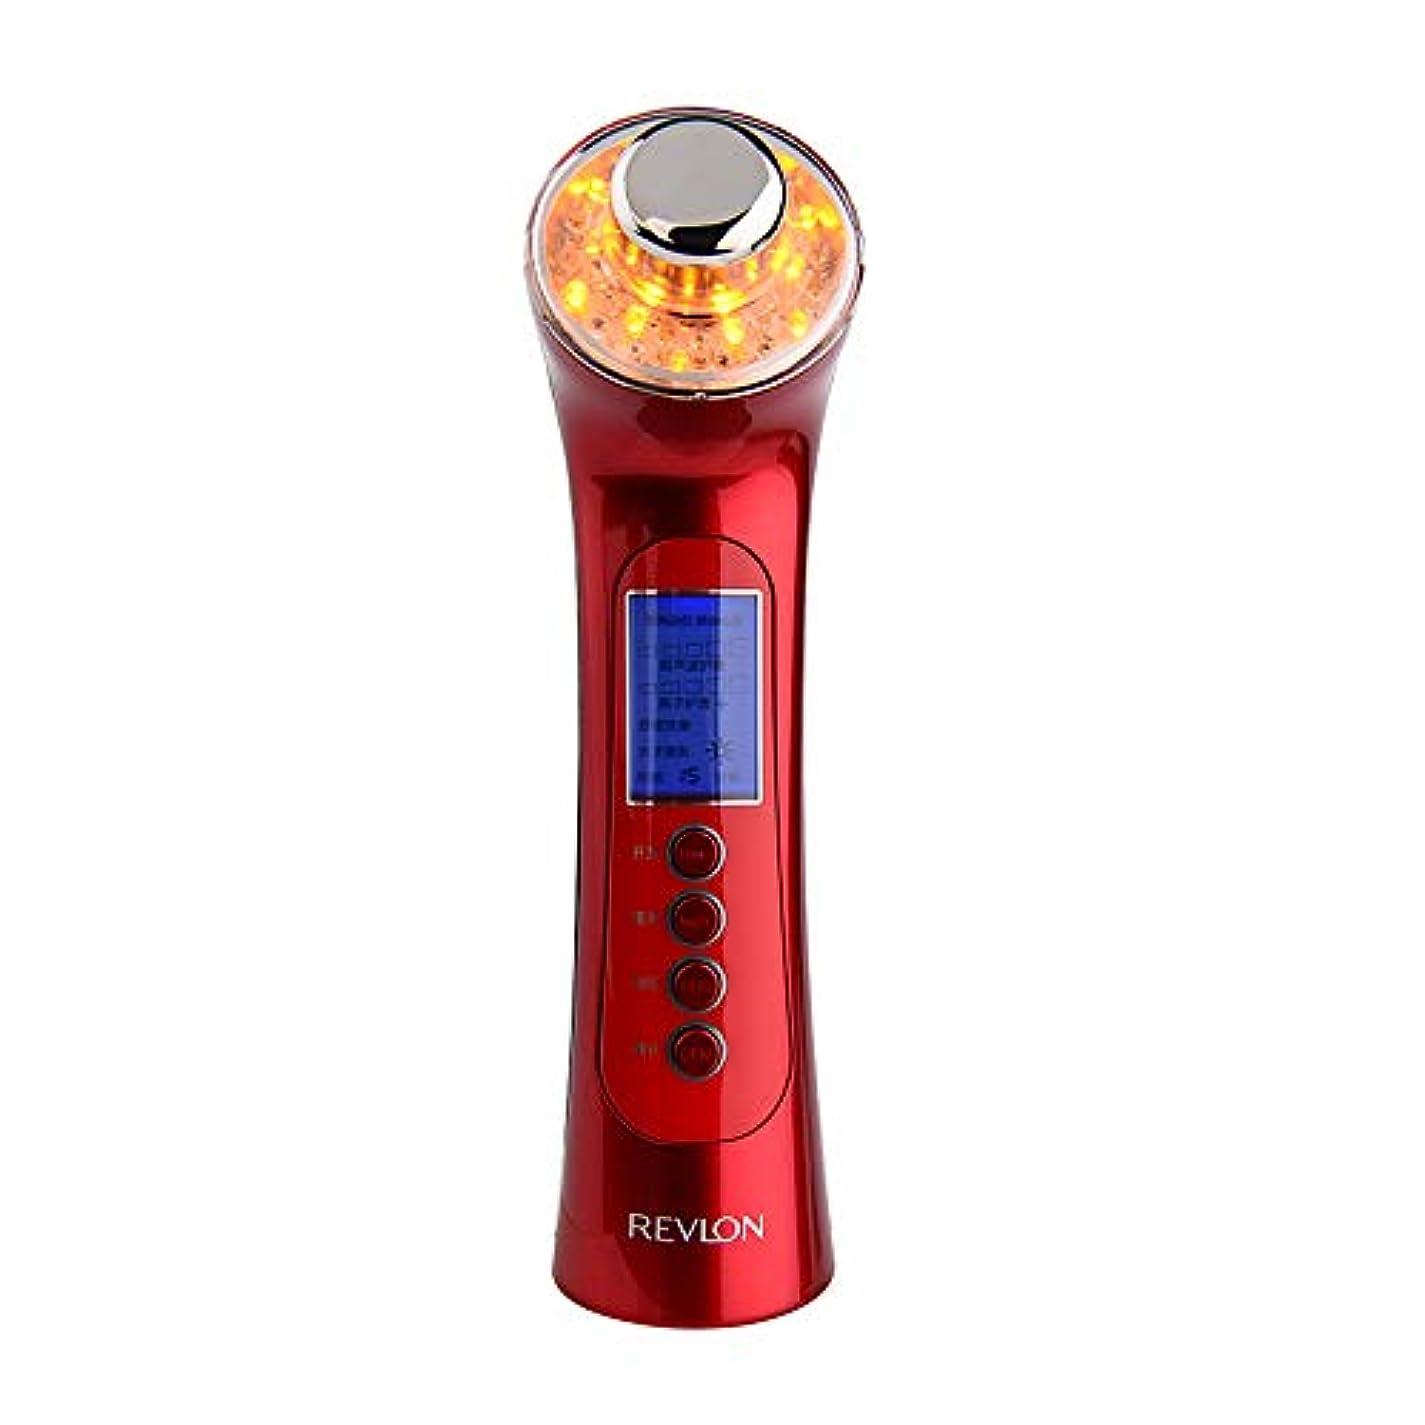 ハンディ抑圧者確立します肌を引き締め機、5に1で5洗顔マッサージマッサージマッサージャーで3色ライトディープクレンジングアンチエイジング多機能振動美容機器